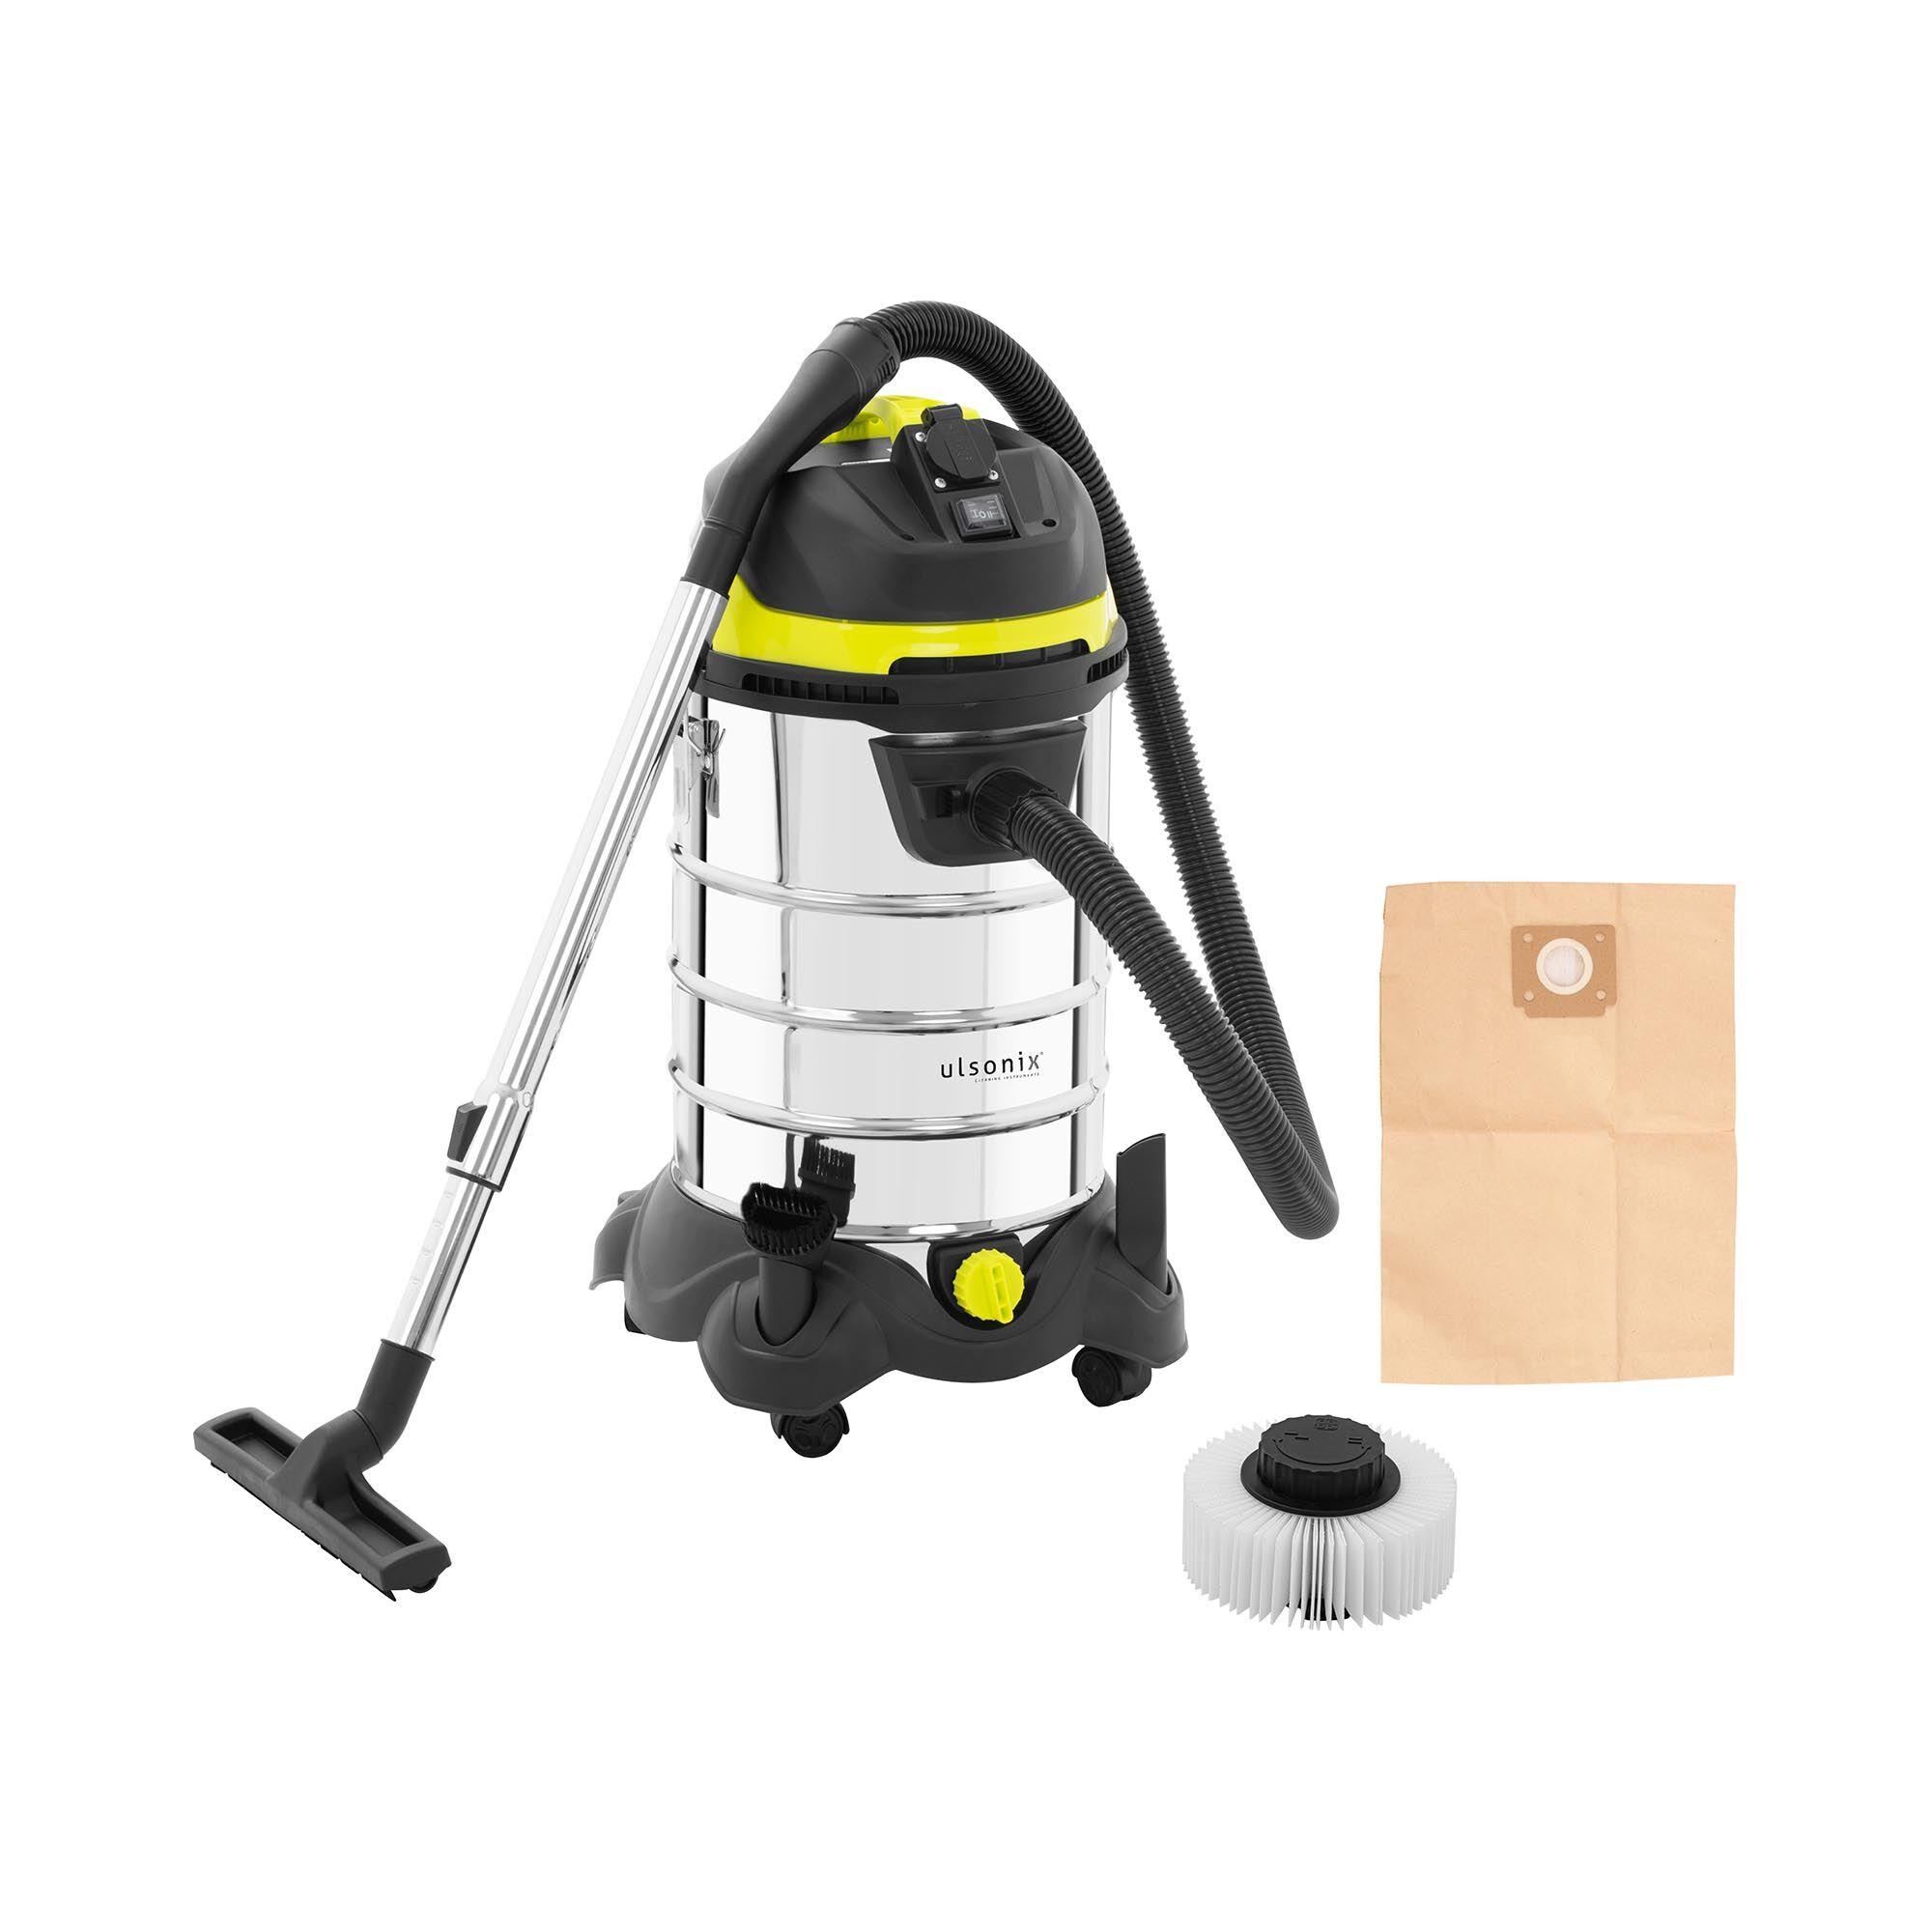 ulsonix Aspirateur eau et poussière - 1 400 W - 30 l - Avec prise électrique FLOORCLEAN 30DS